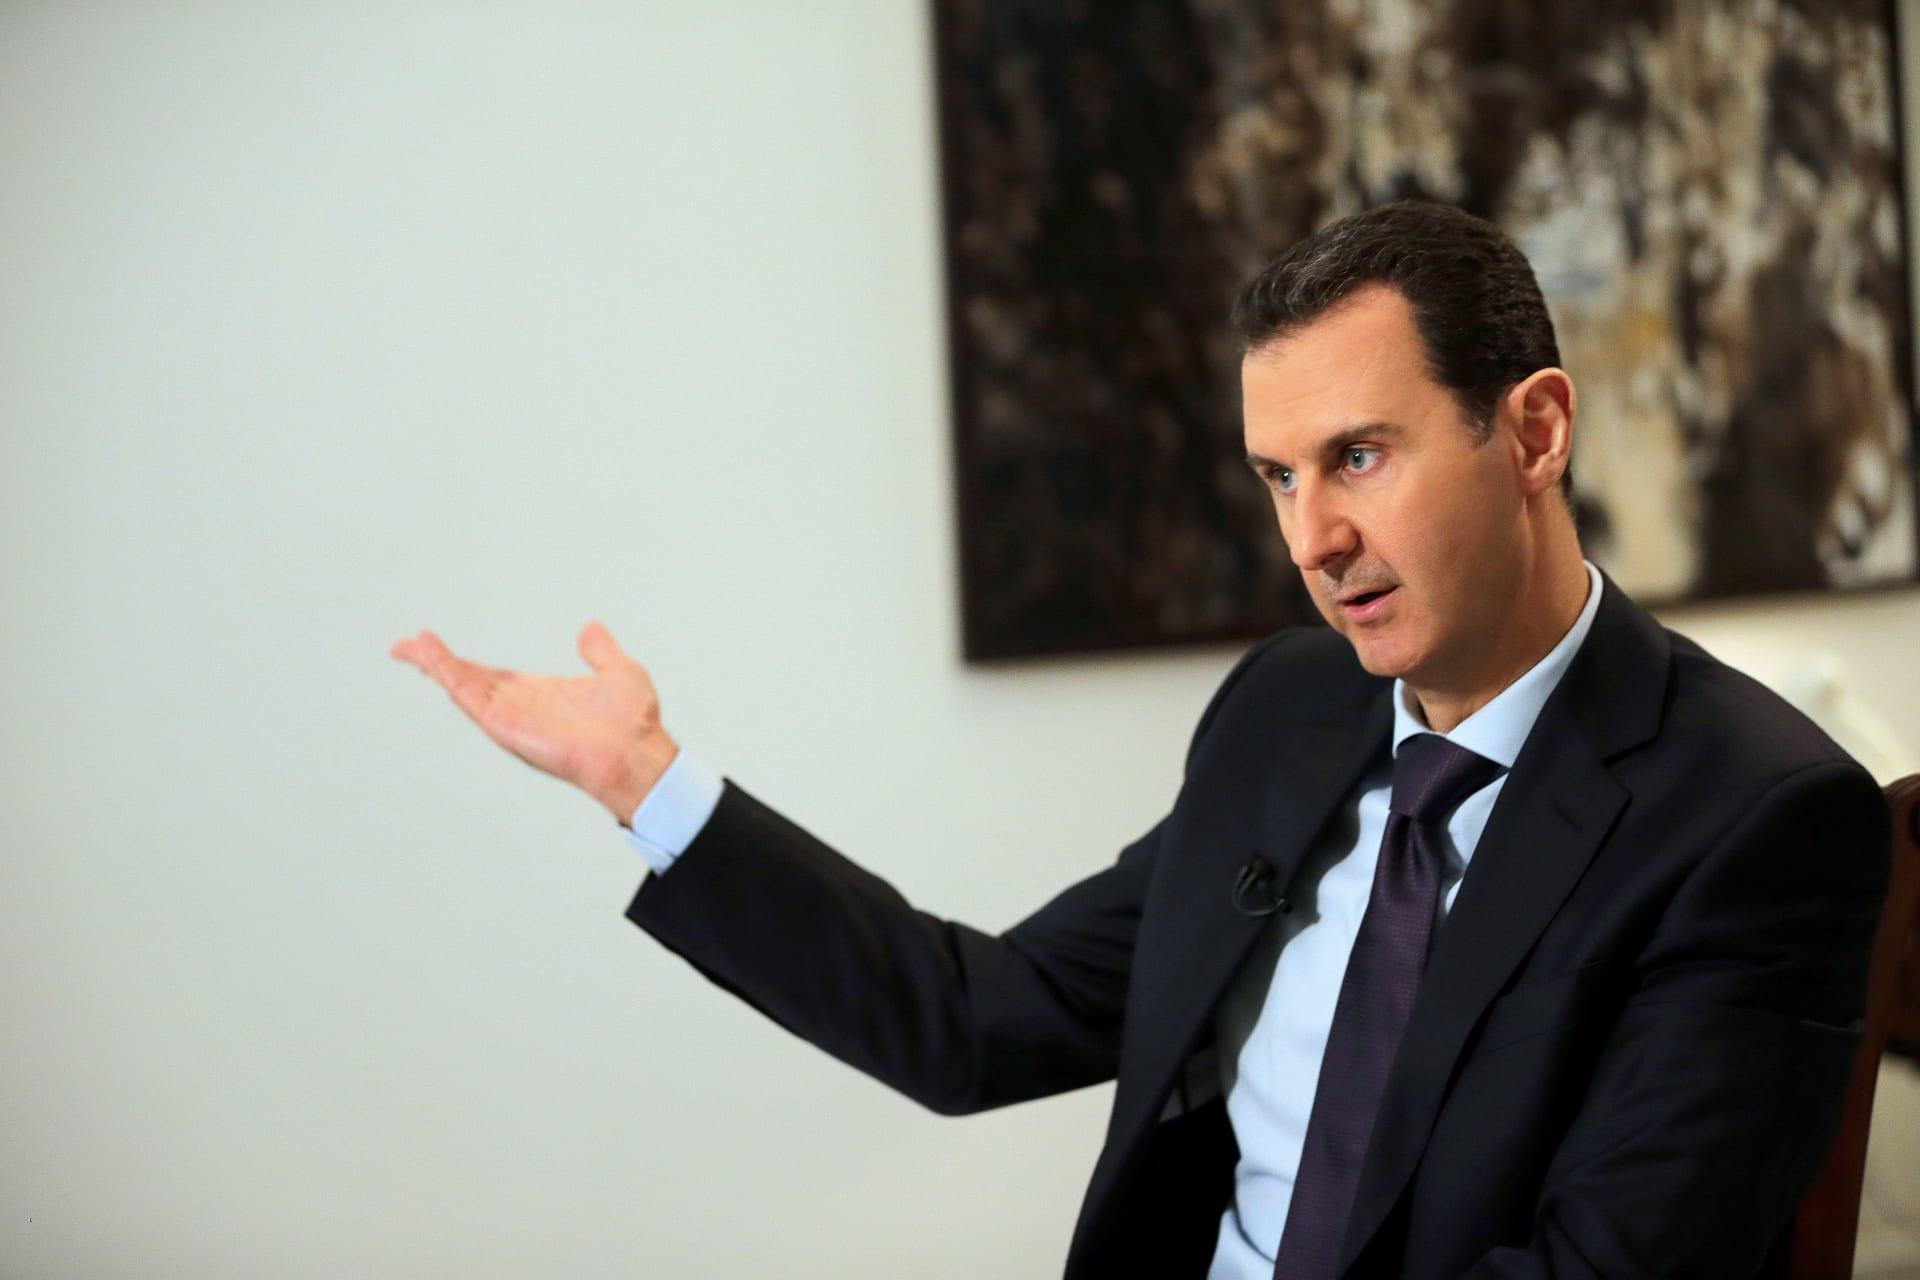 الأسد لوفد إيراني: تركيا تشن عدوانا غاشما.. وتدعم الإرهاب